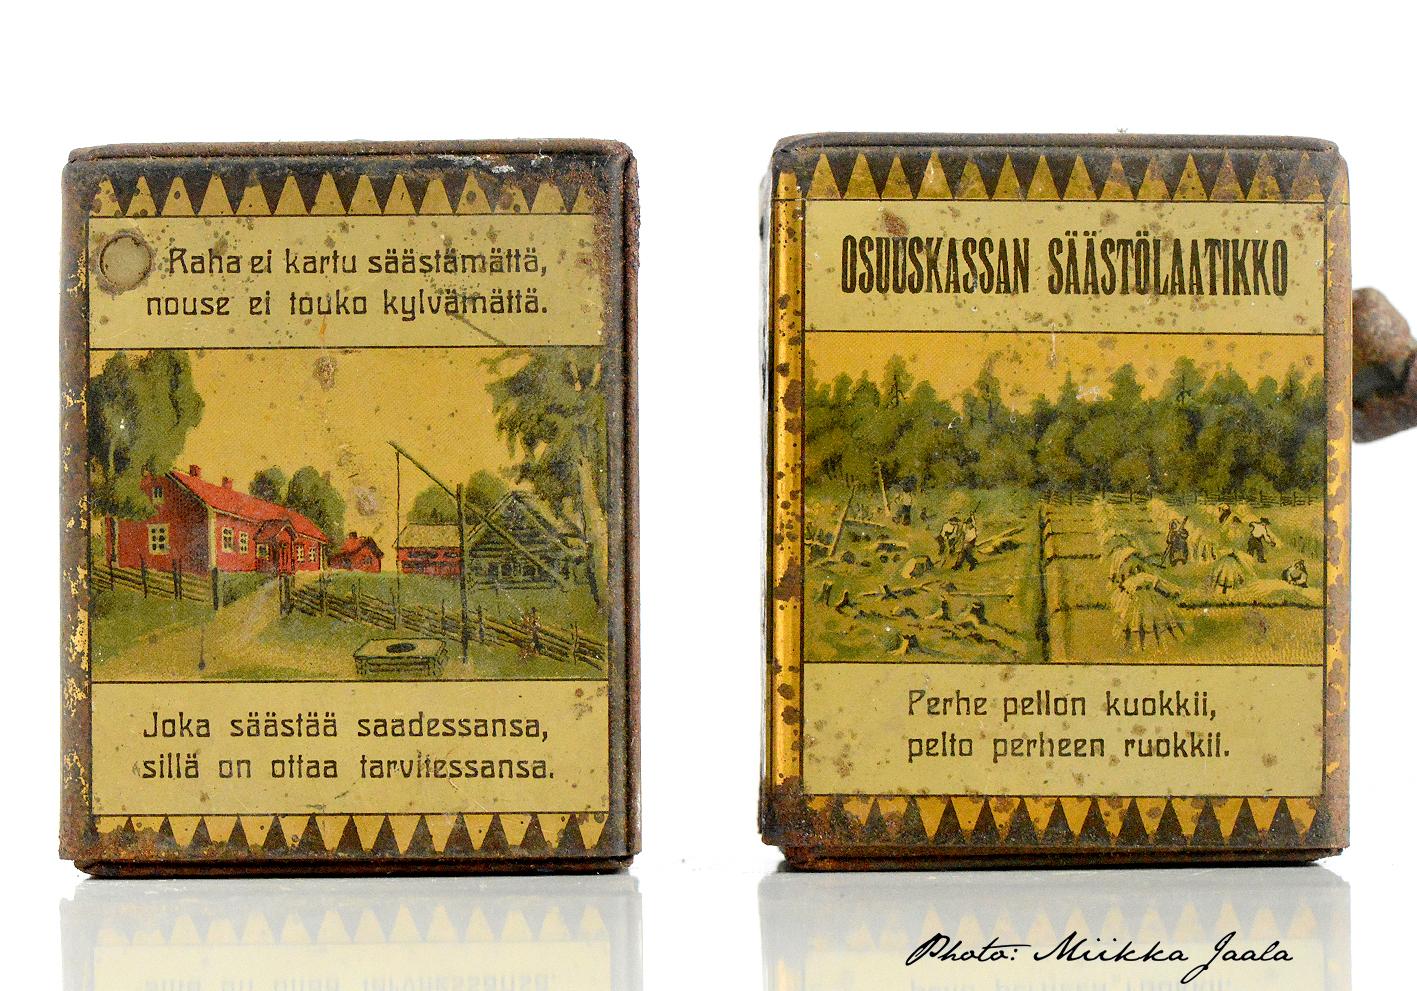 Osuuskassan säästölaatikko – Finnish vintage bank